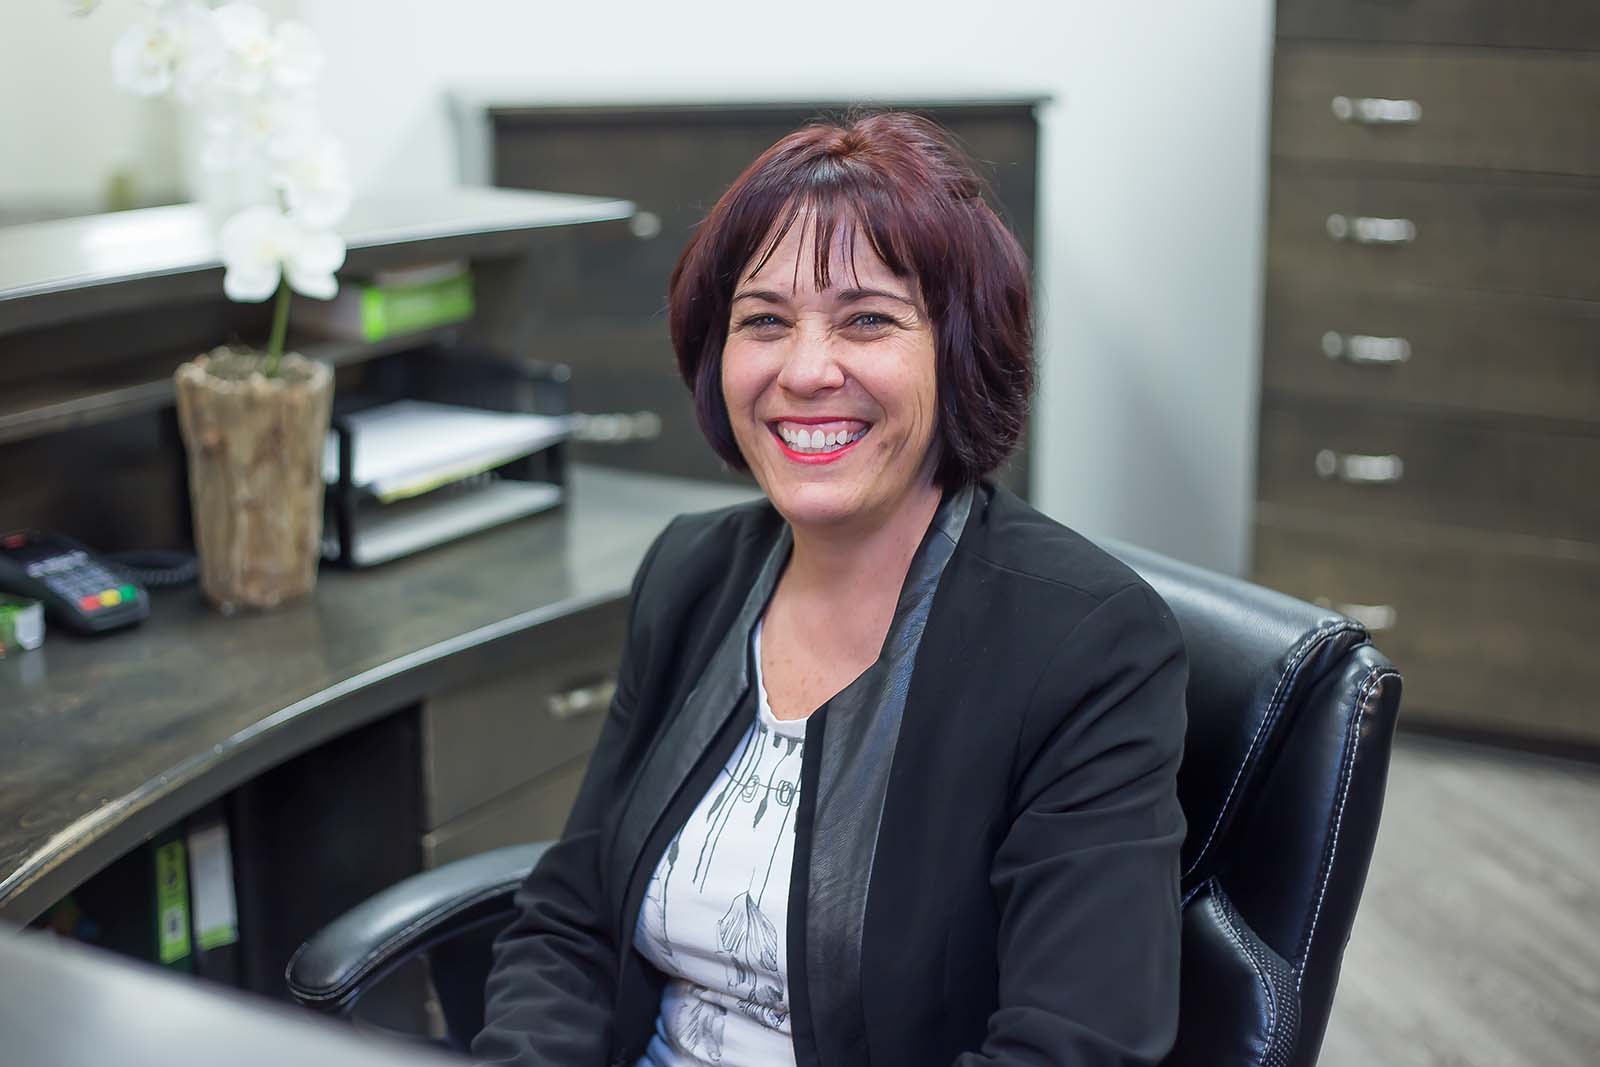 https://www.dentistedrummondville.com/wp-content/uploads/2015/12/Nathalie-gestionnaire.jpg